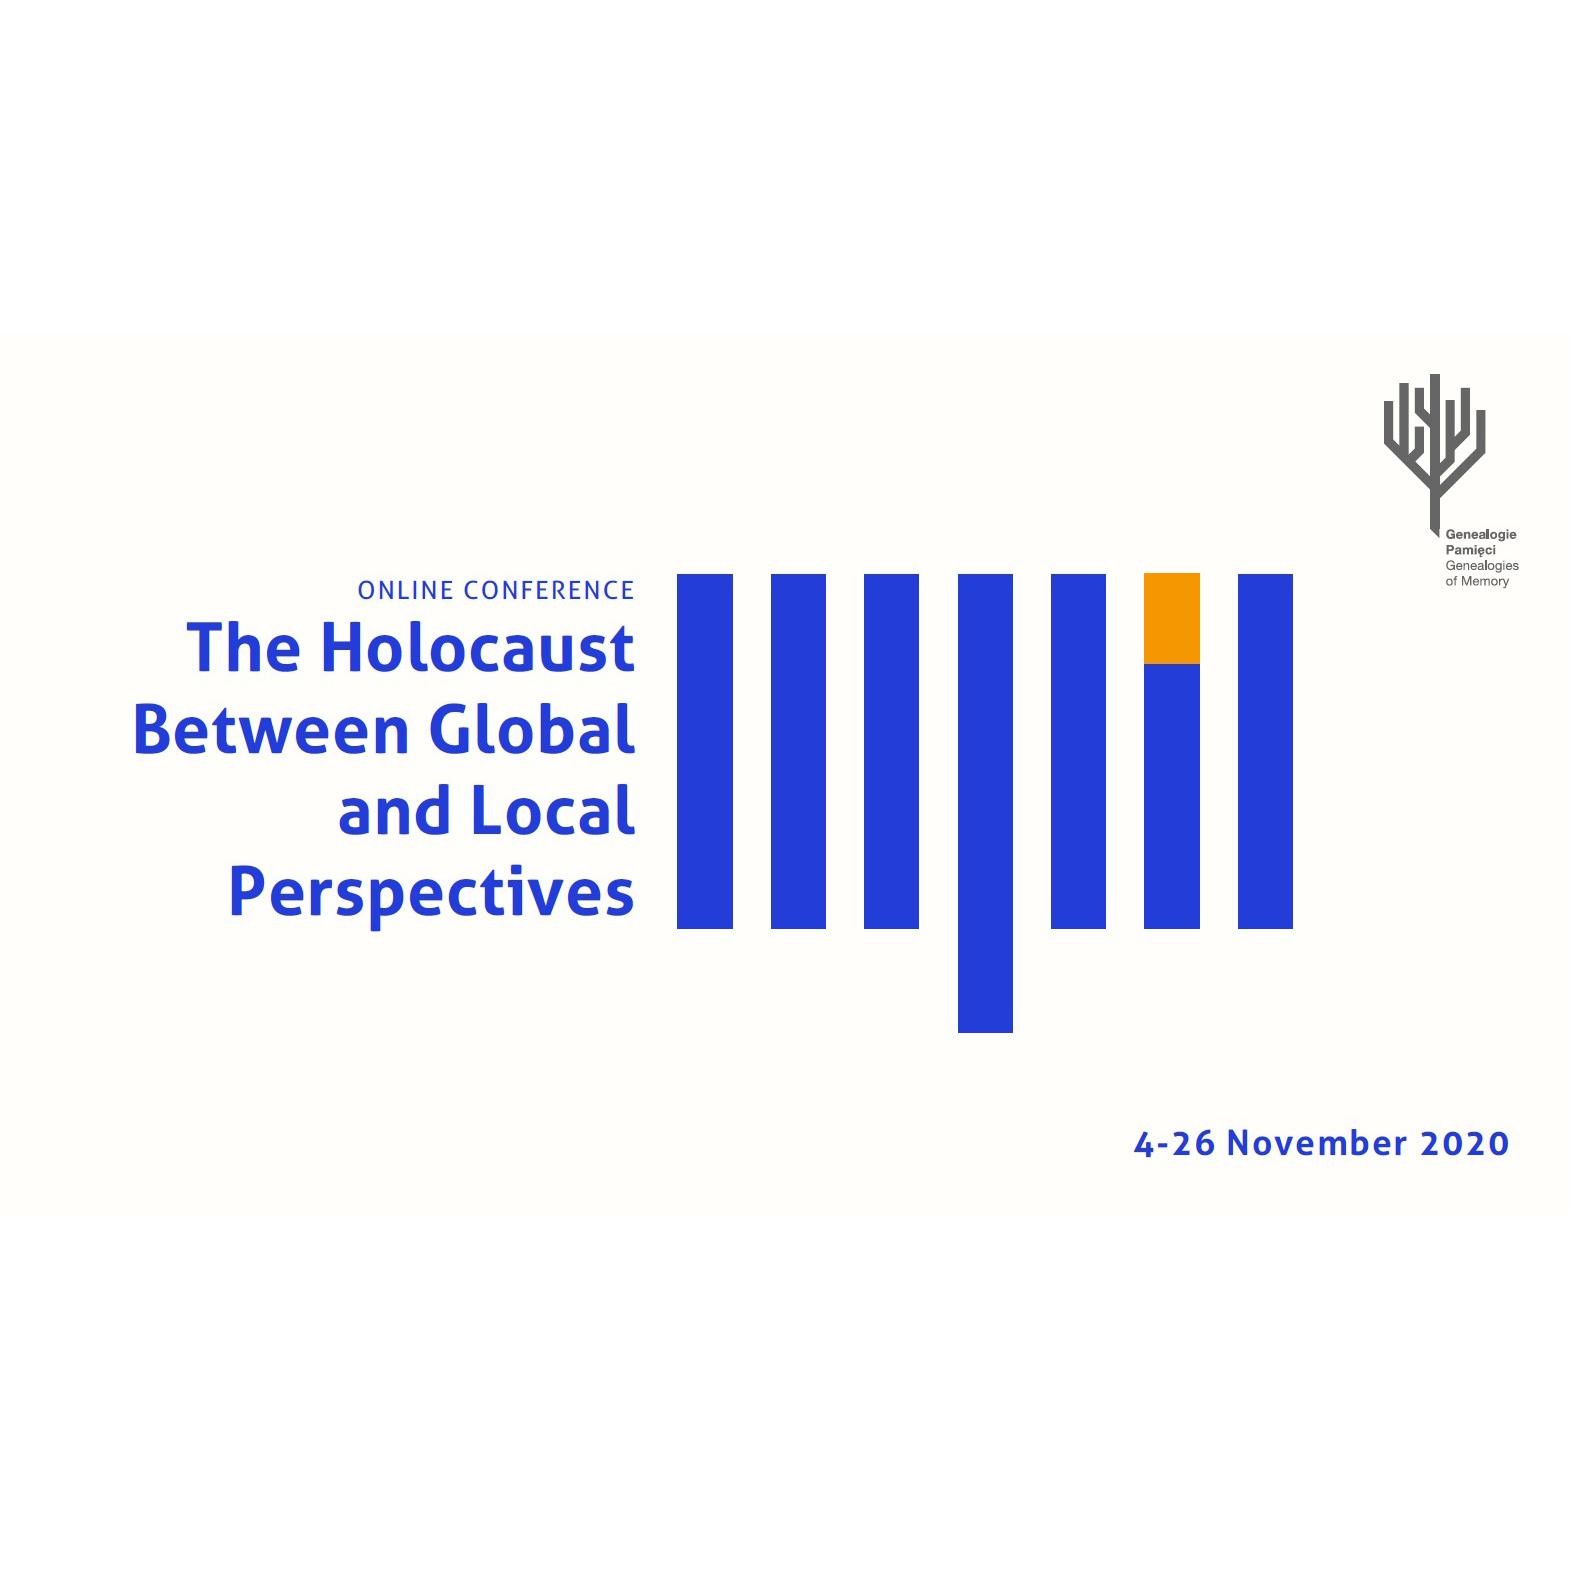 Online-Konferenz: Der Holocaust zwischen globalen und lokalen Perspektiven